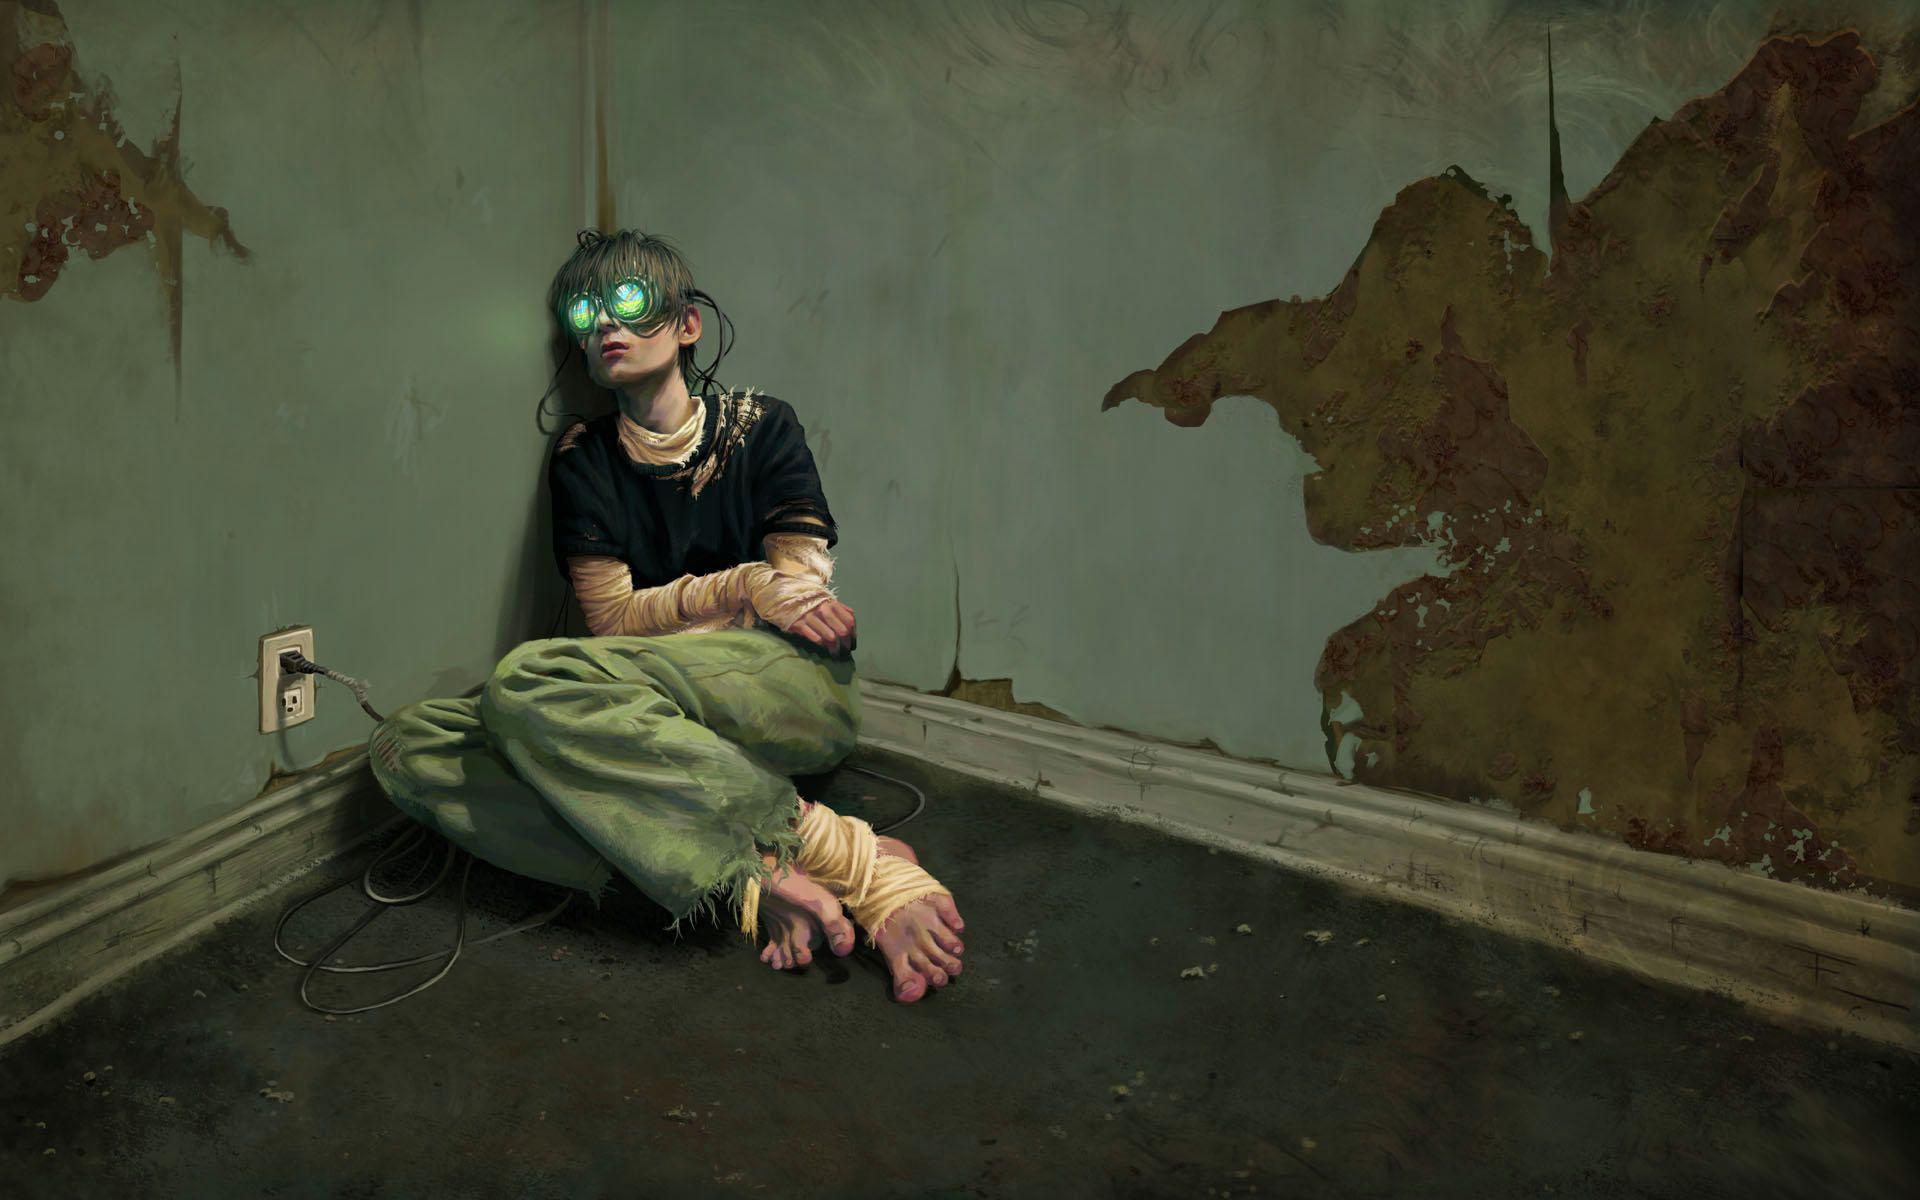 Sony VR запрещена для детей до 12 лет - Изображение 1